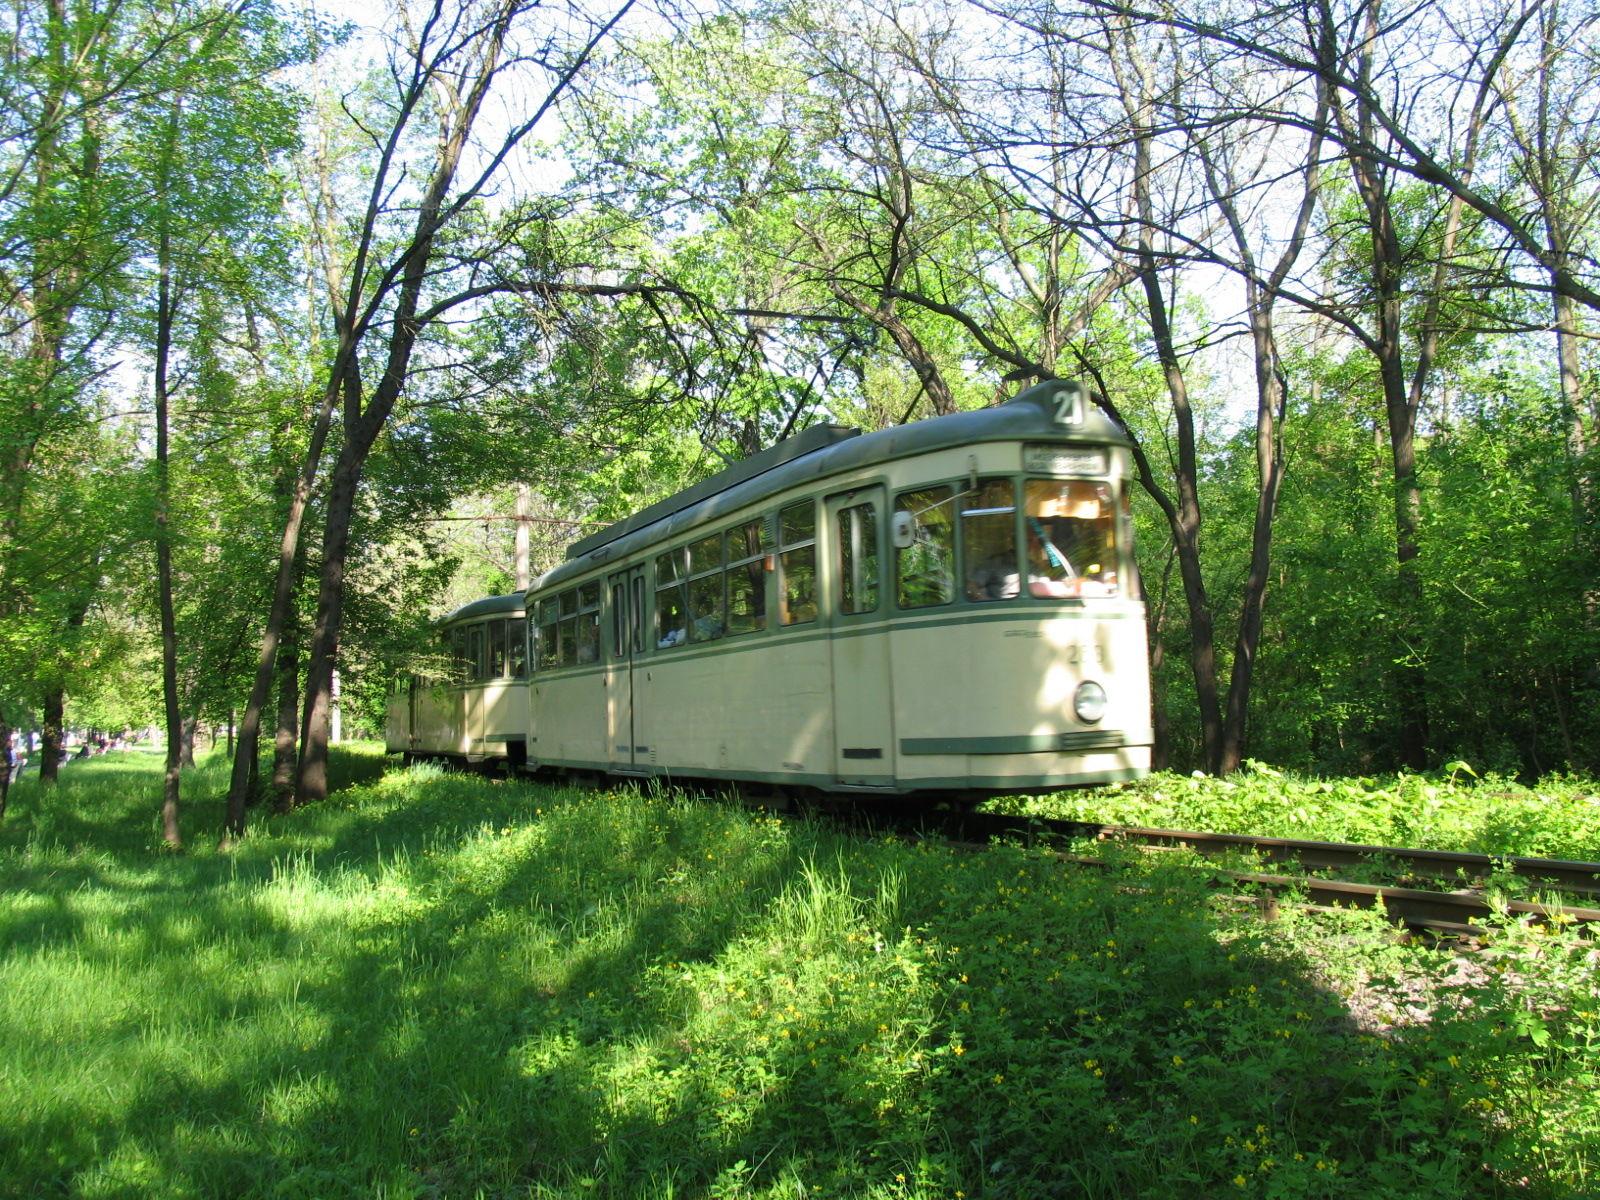 Braila tram 2.jpg